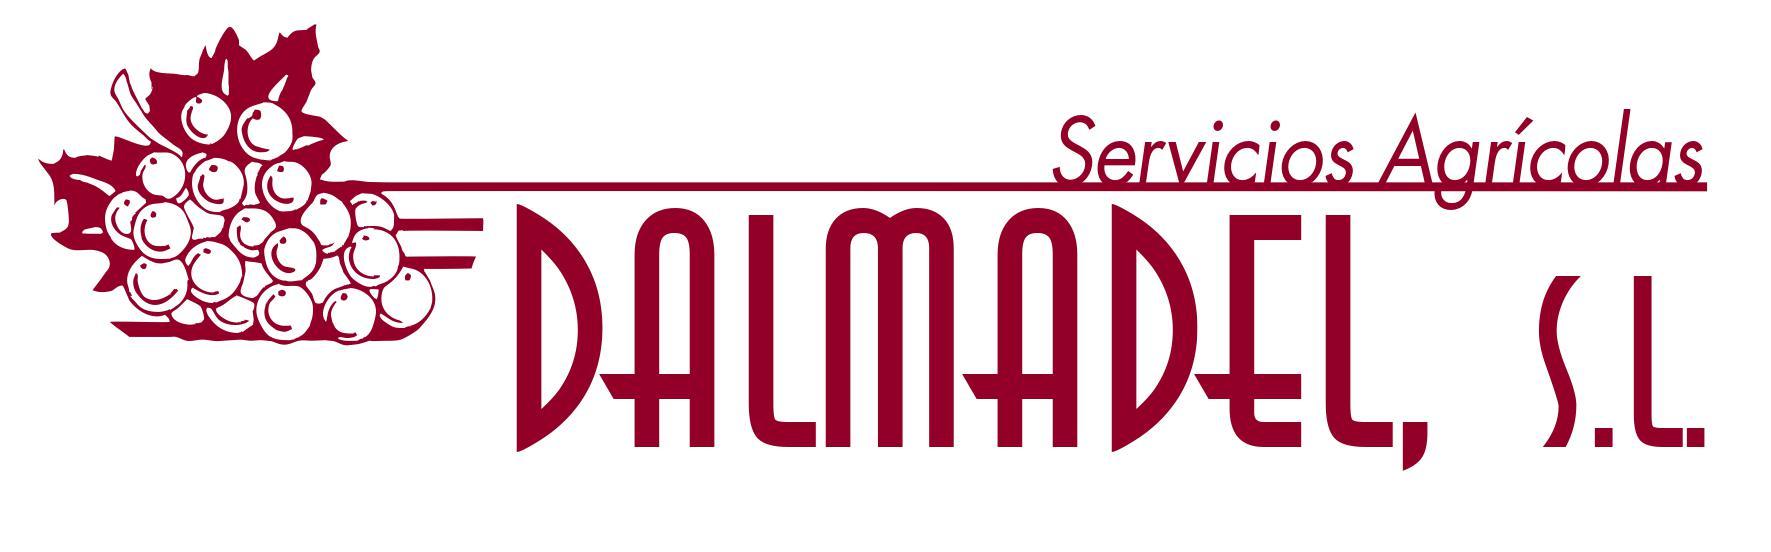 DALMADEL (servicios agrícolas)